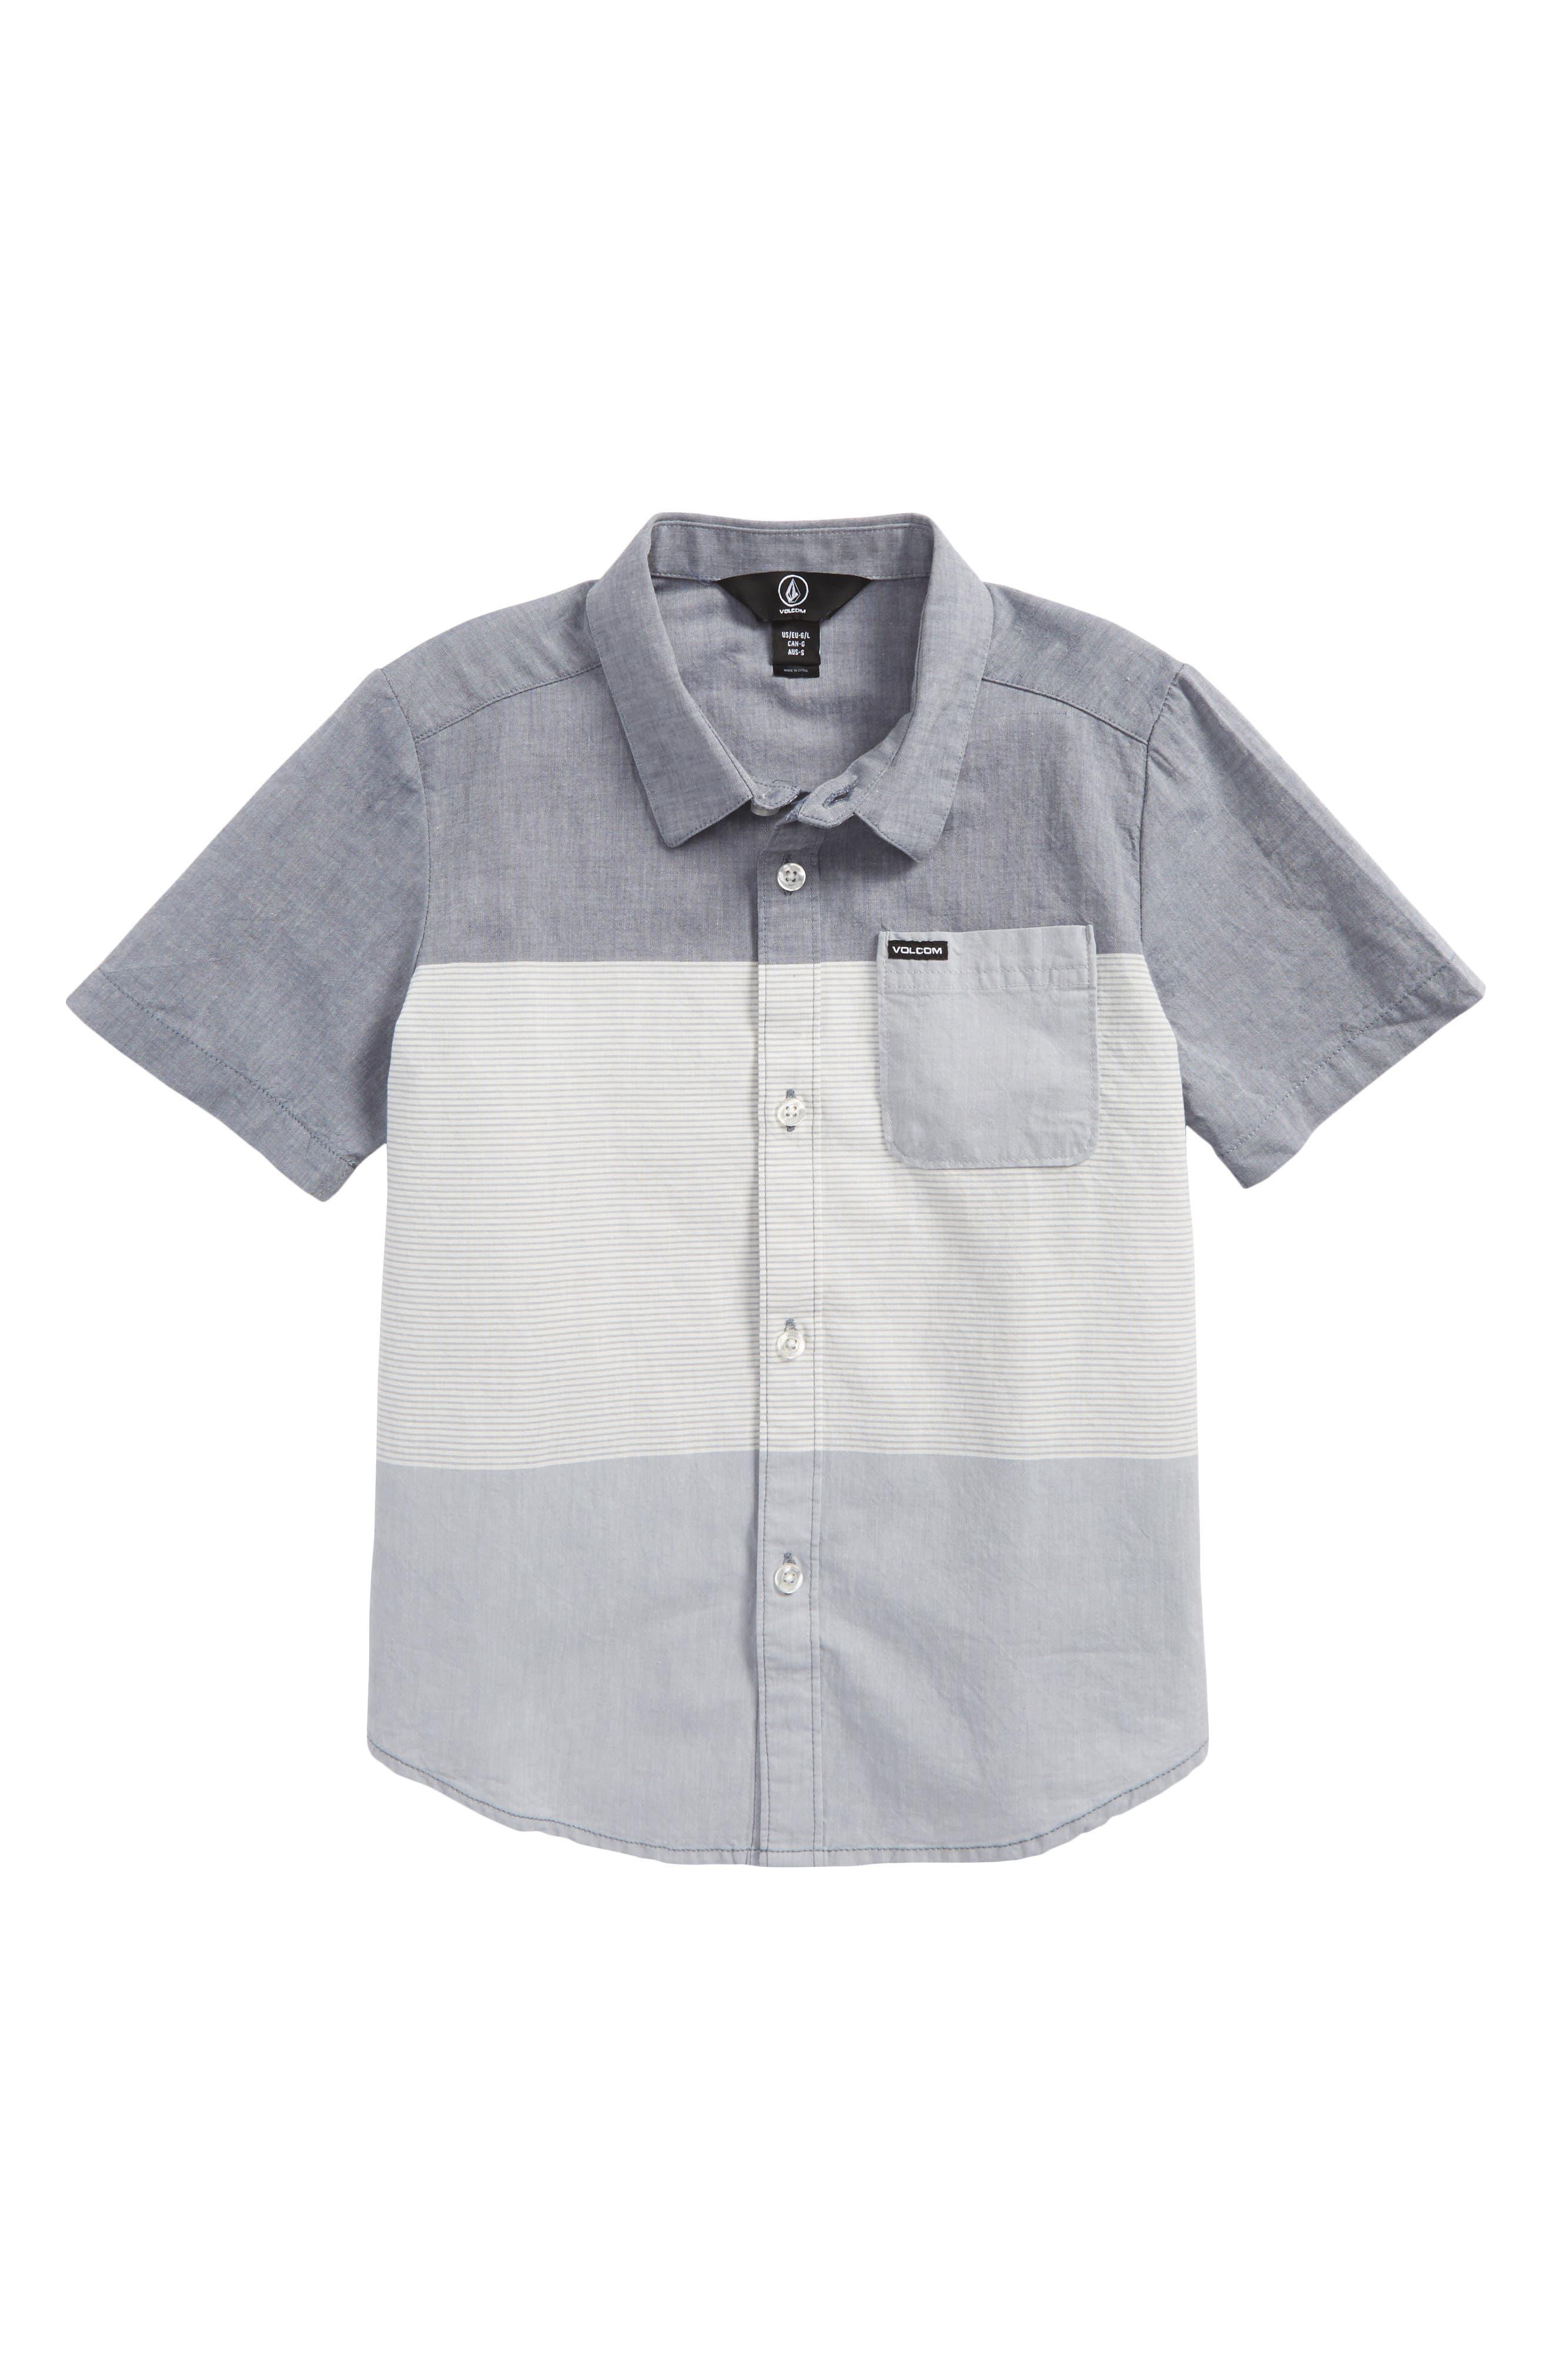 Volcom Crestone Woven Shirt (Toddler Boys & Little Boys)